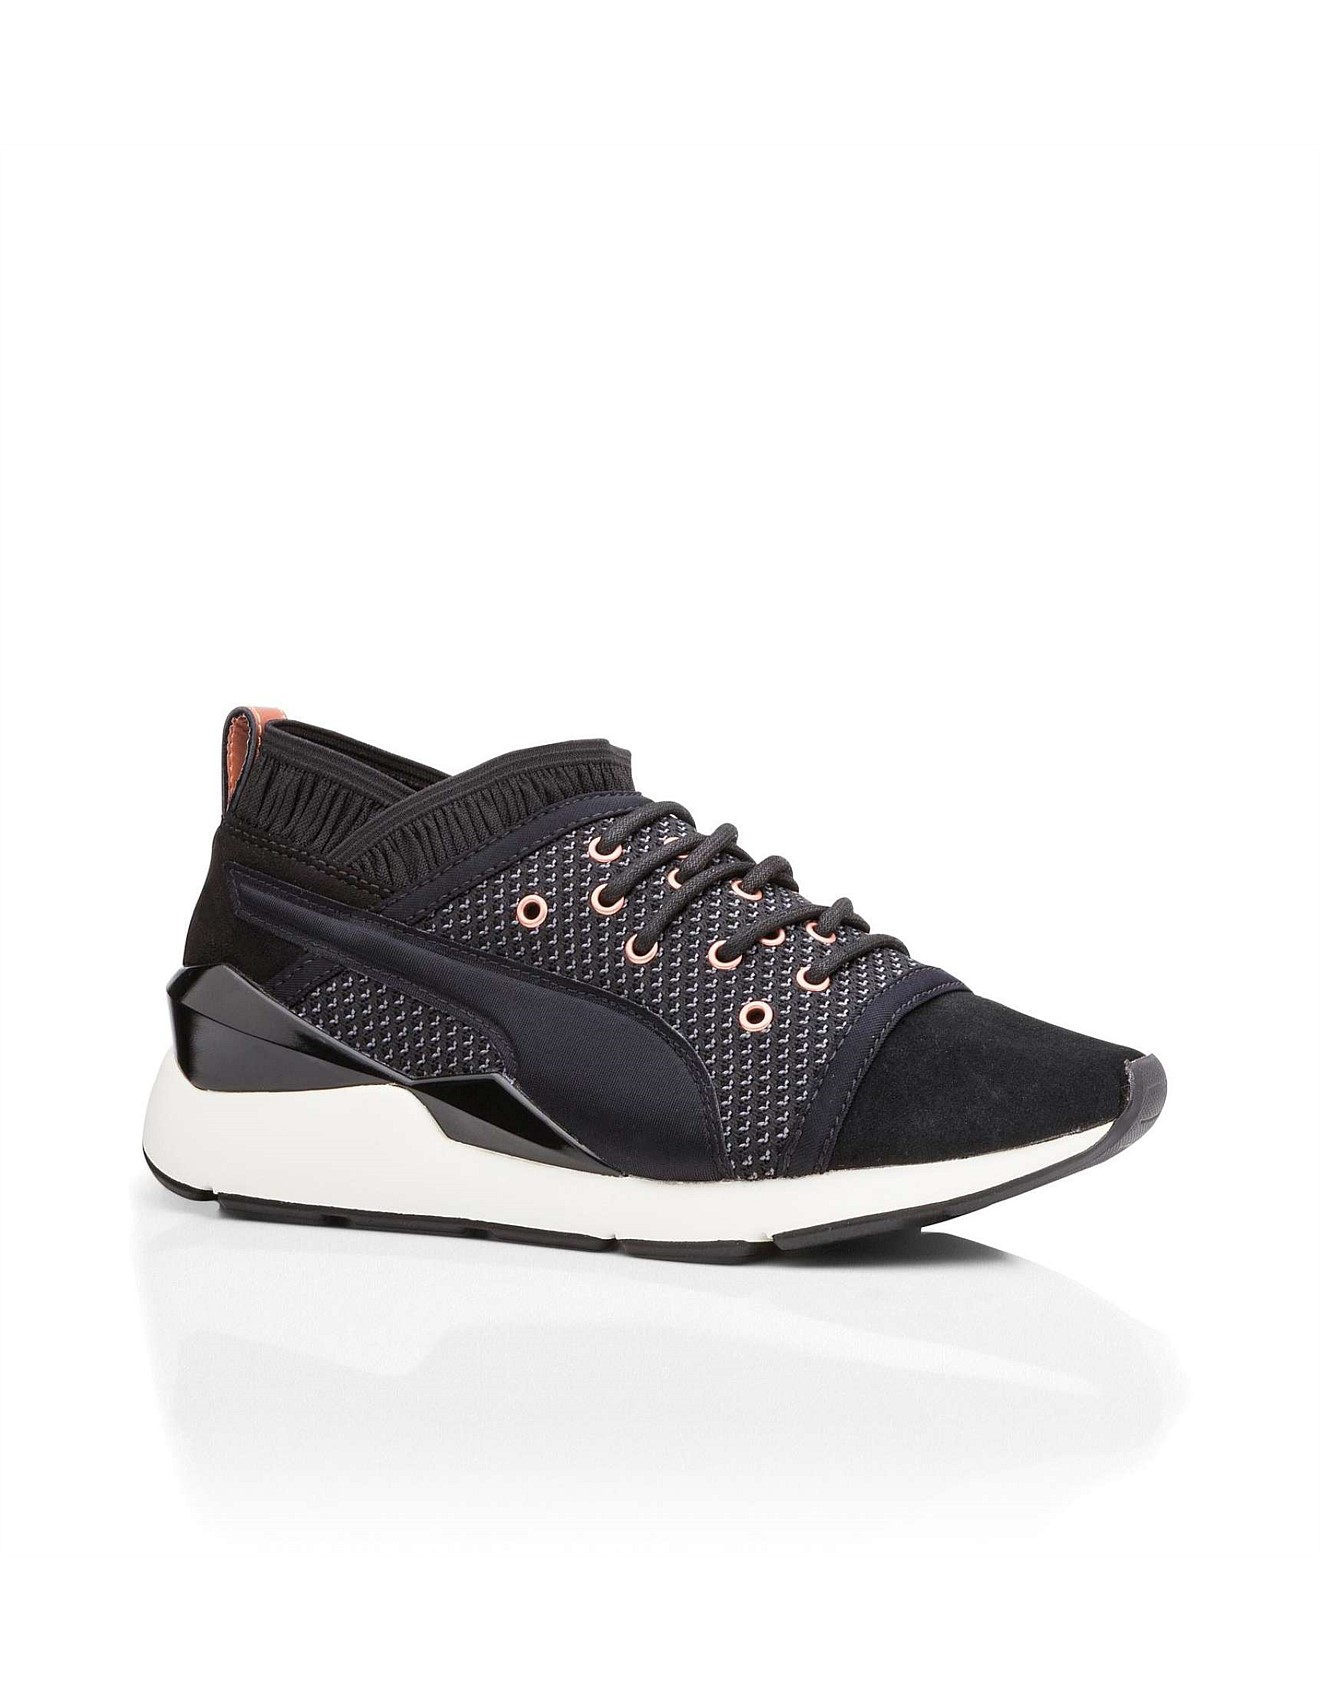 08e85eb1afcc Puma Pearl Vr Sneaker 5h-11 Fh